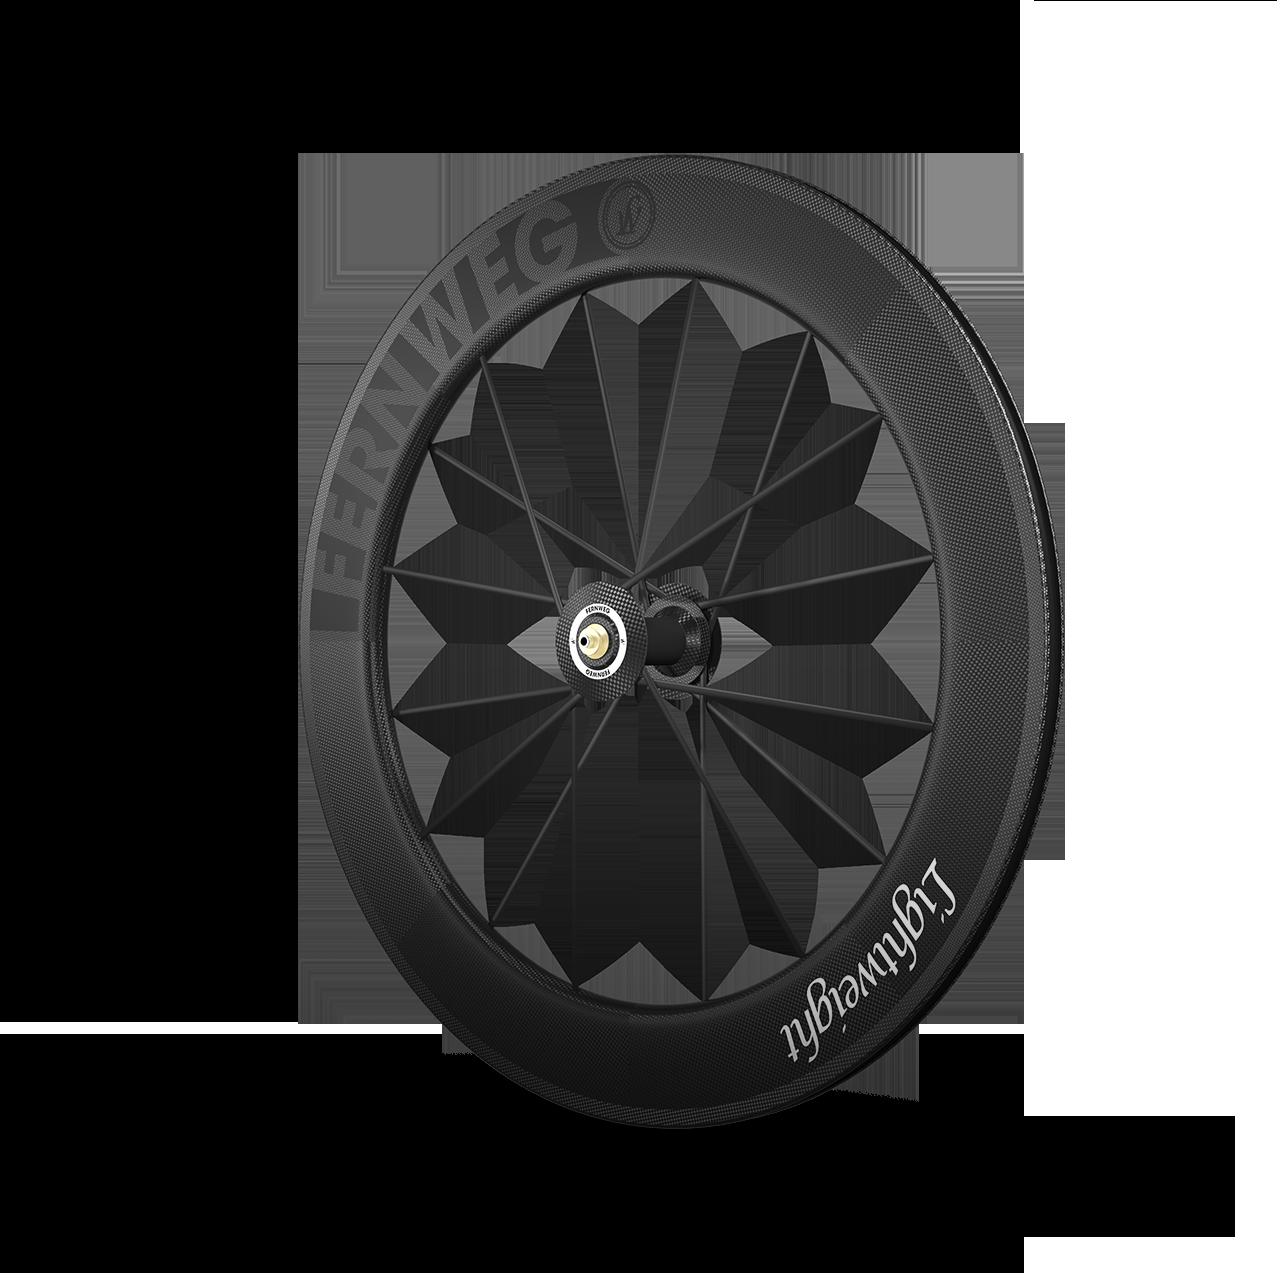 Product design: FERNWEG - RedDot 2012